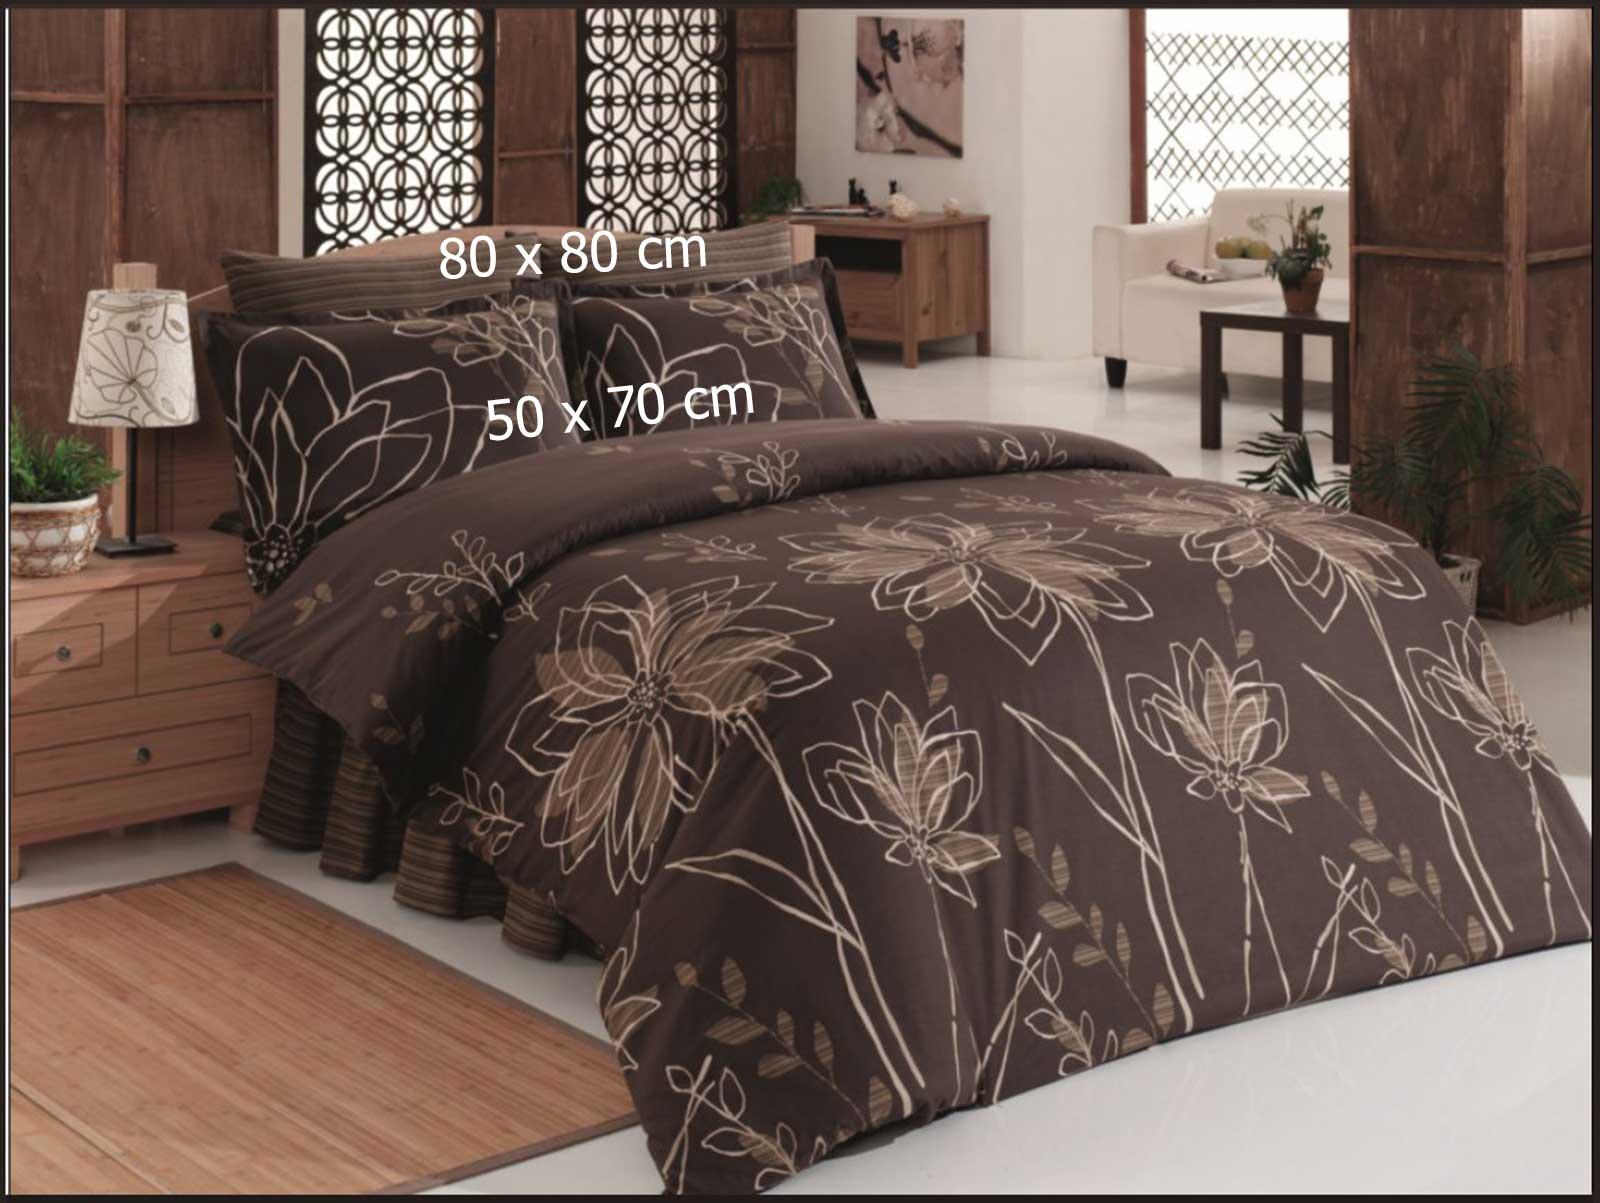 6 tlg bettw sche 100 baumwolle bettgarnitur kissen decke 220x240cm krizantem br ebay. Black Bedroom Furniture Sets. Home Design Ideas